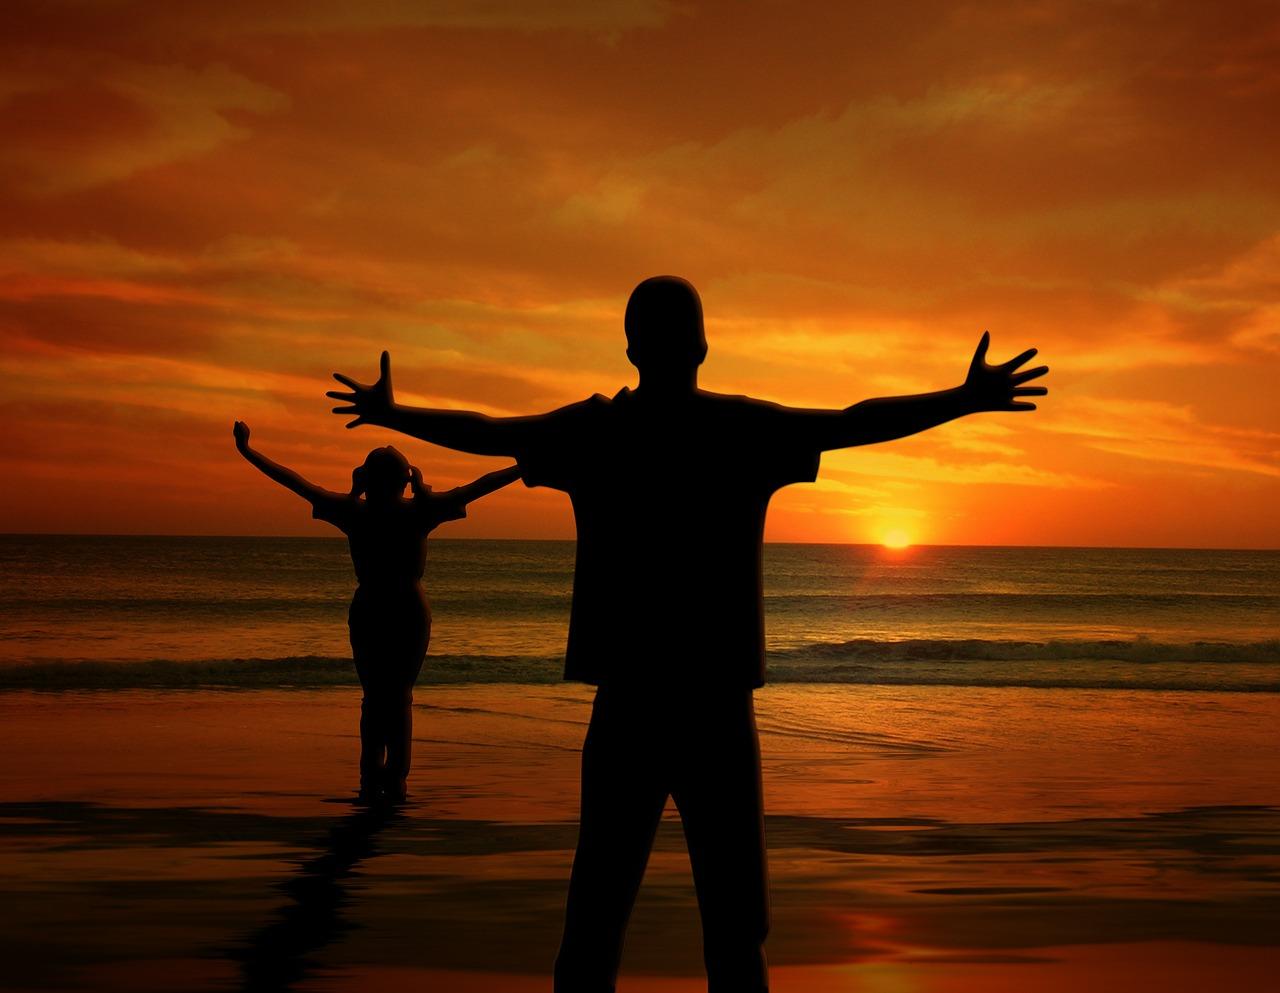 felicidade_por_do_sol